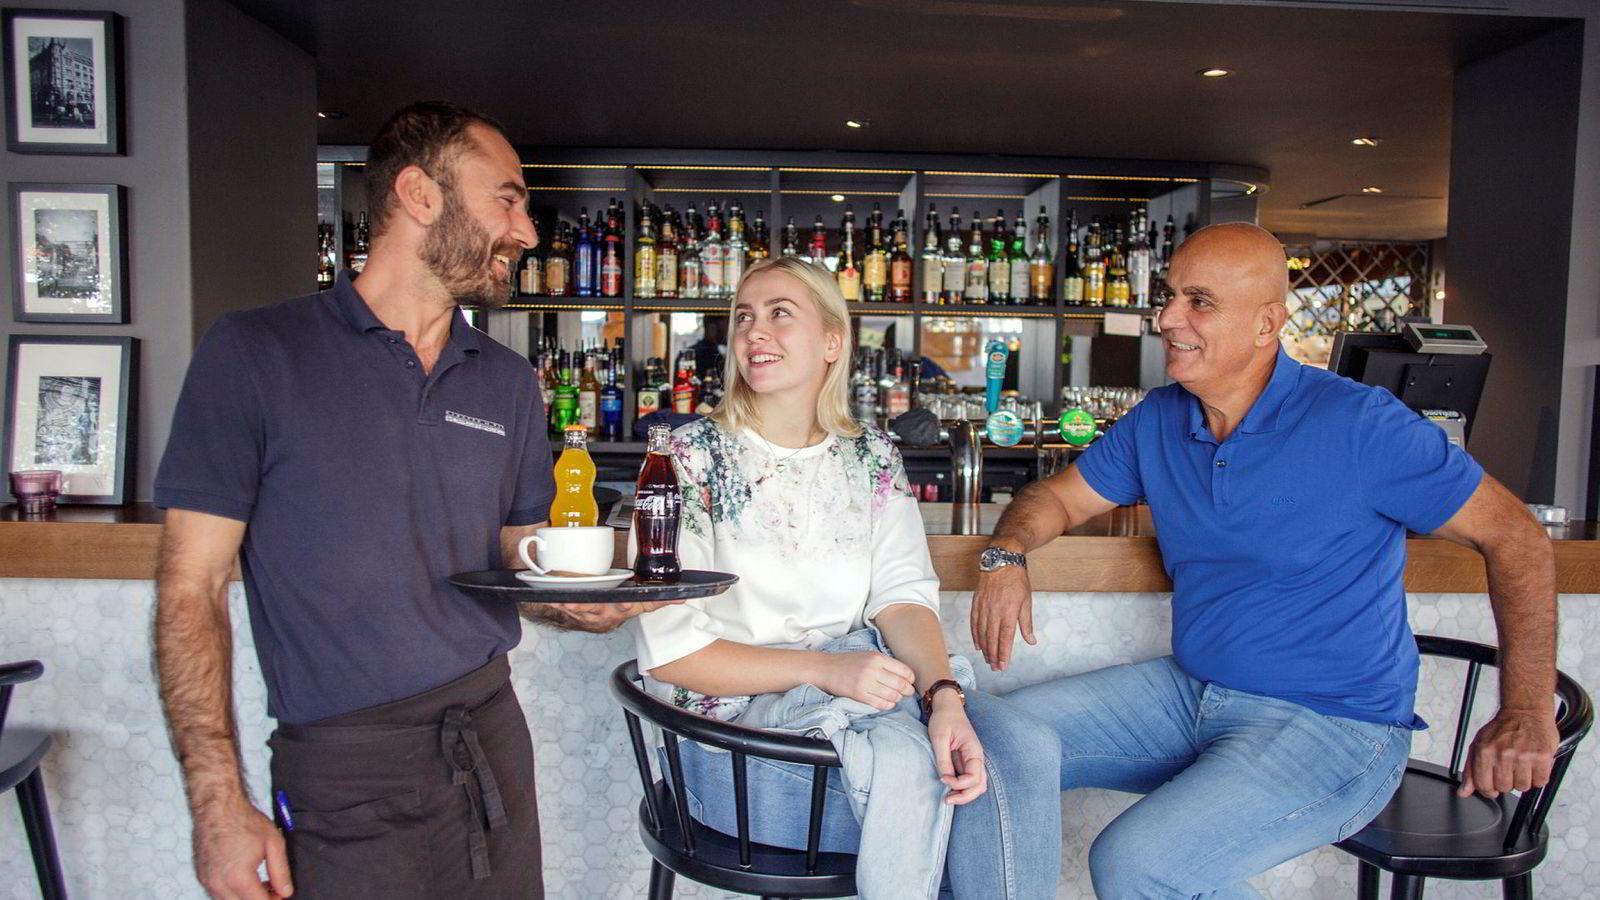 Dårlig idé med ny skattemelding, mener Azba Moufid (fra høyre), eier og sjef i Kjøkken og Bar as, og servitørene Amalie Hyni og Nubeeh Samaan.